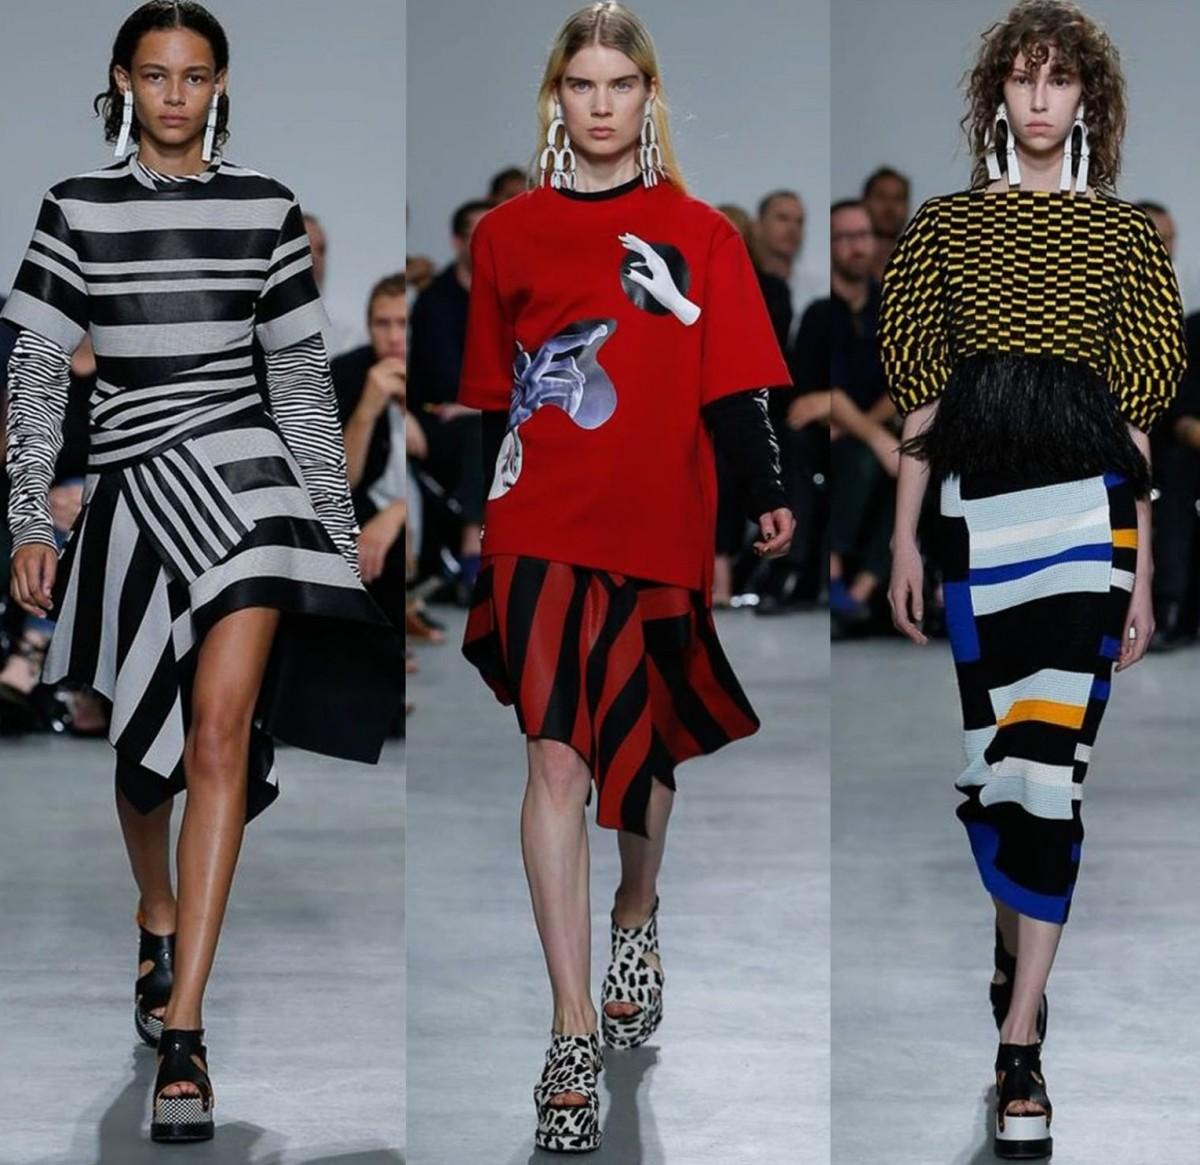 Модные летние образы 2017 года для девушек: модные тенденции, фото